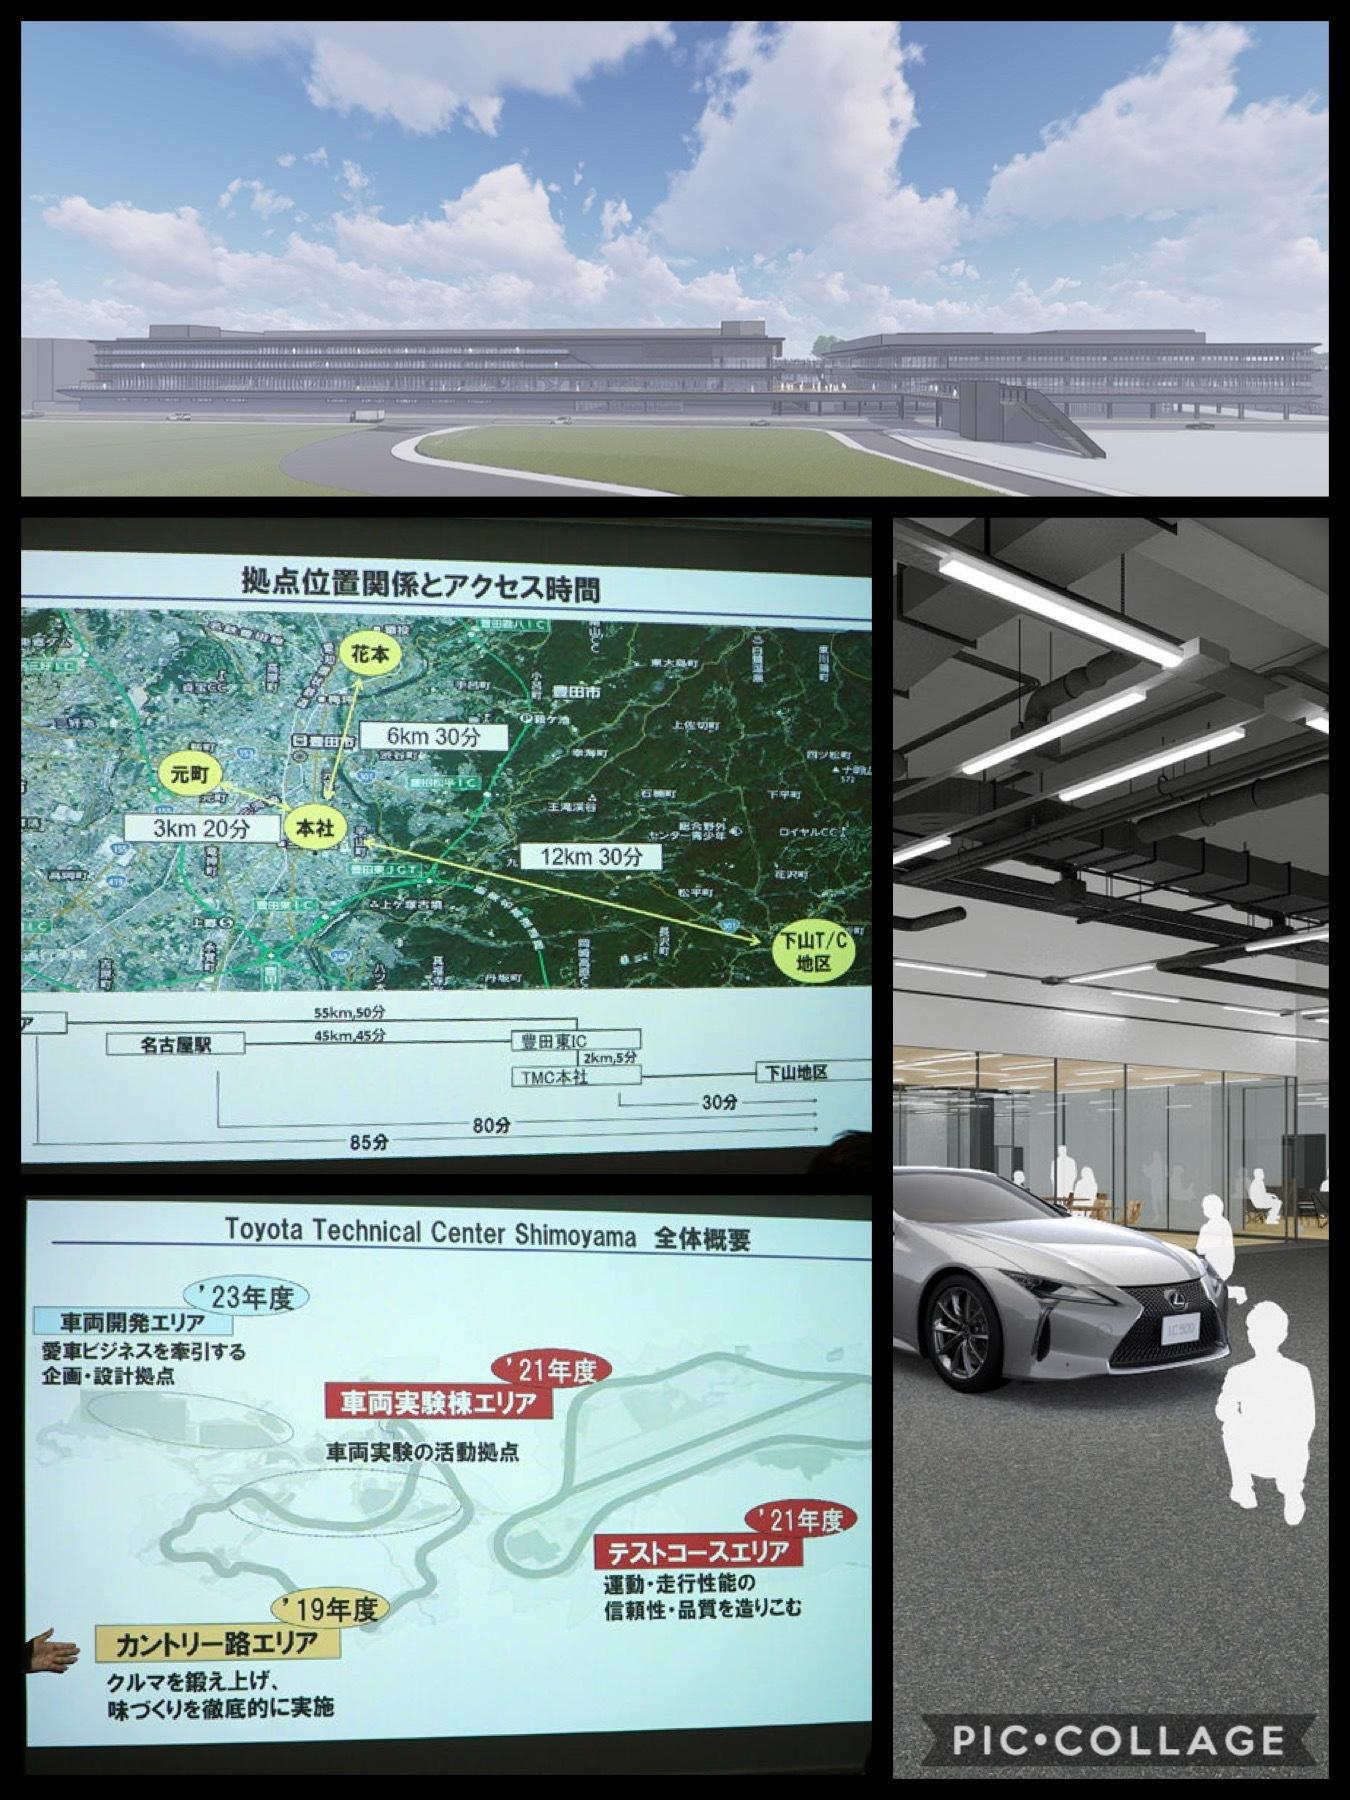 レクサス「Toyota Technical Center Shimoyama(トヨタ テクニカルセンター 下山